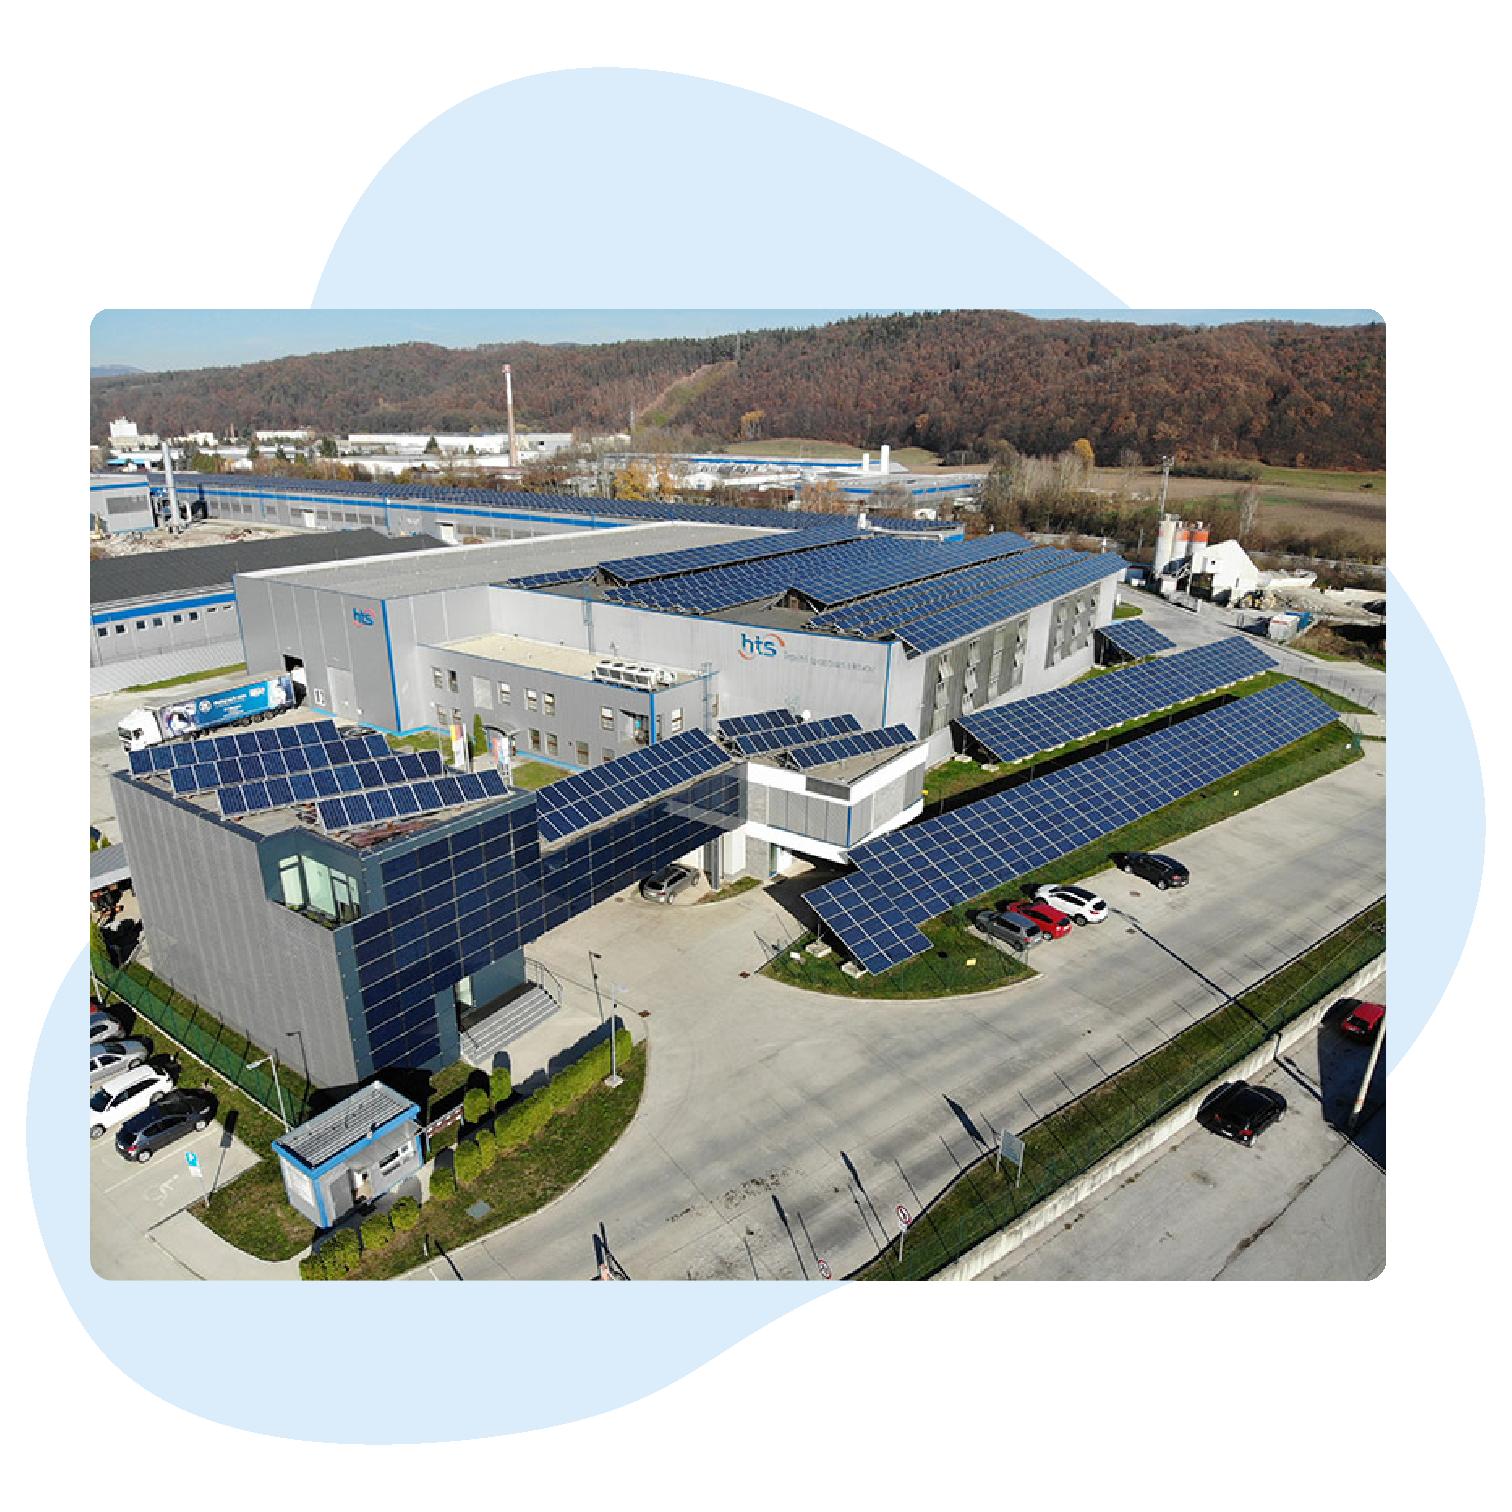 Sídlo firmy HTEnergy s.r.o. v HMC Technologickom Parku Vlkanová medzi Banskou Bystricou a Zvolenom. Budova je pokrytá solárnymi panelmi. Na strechách hál a budov sú solárne panely.